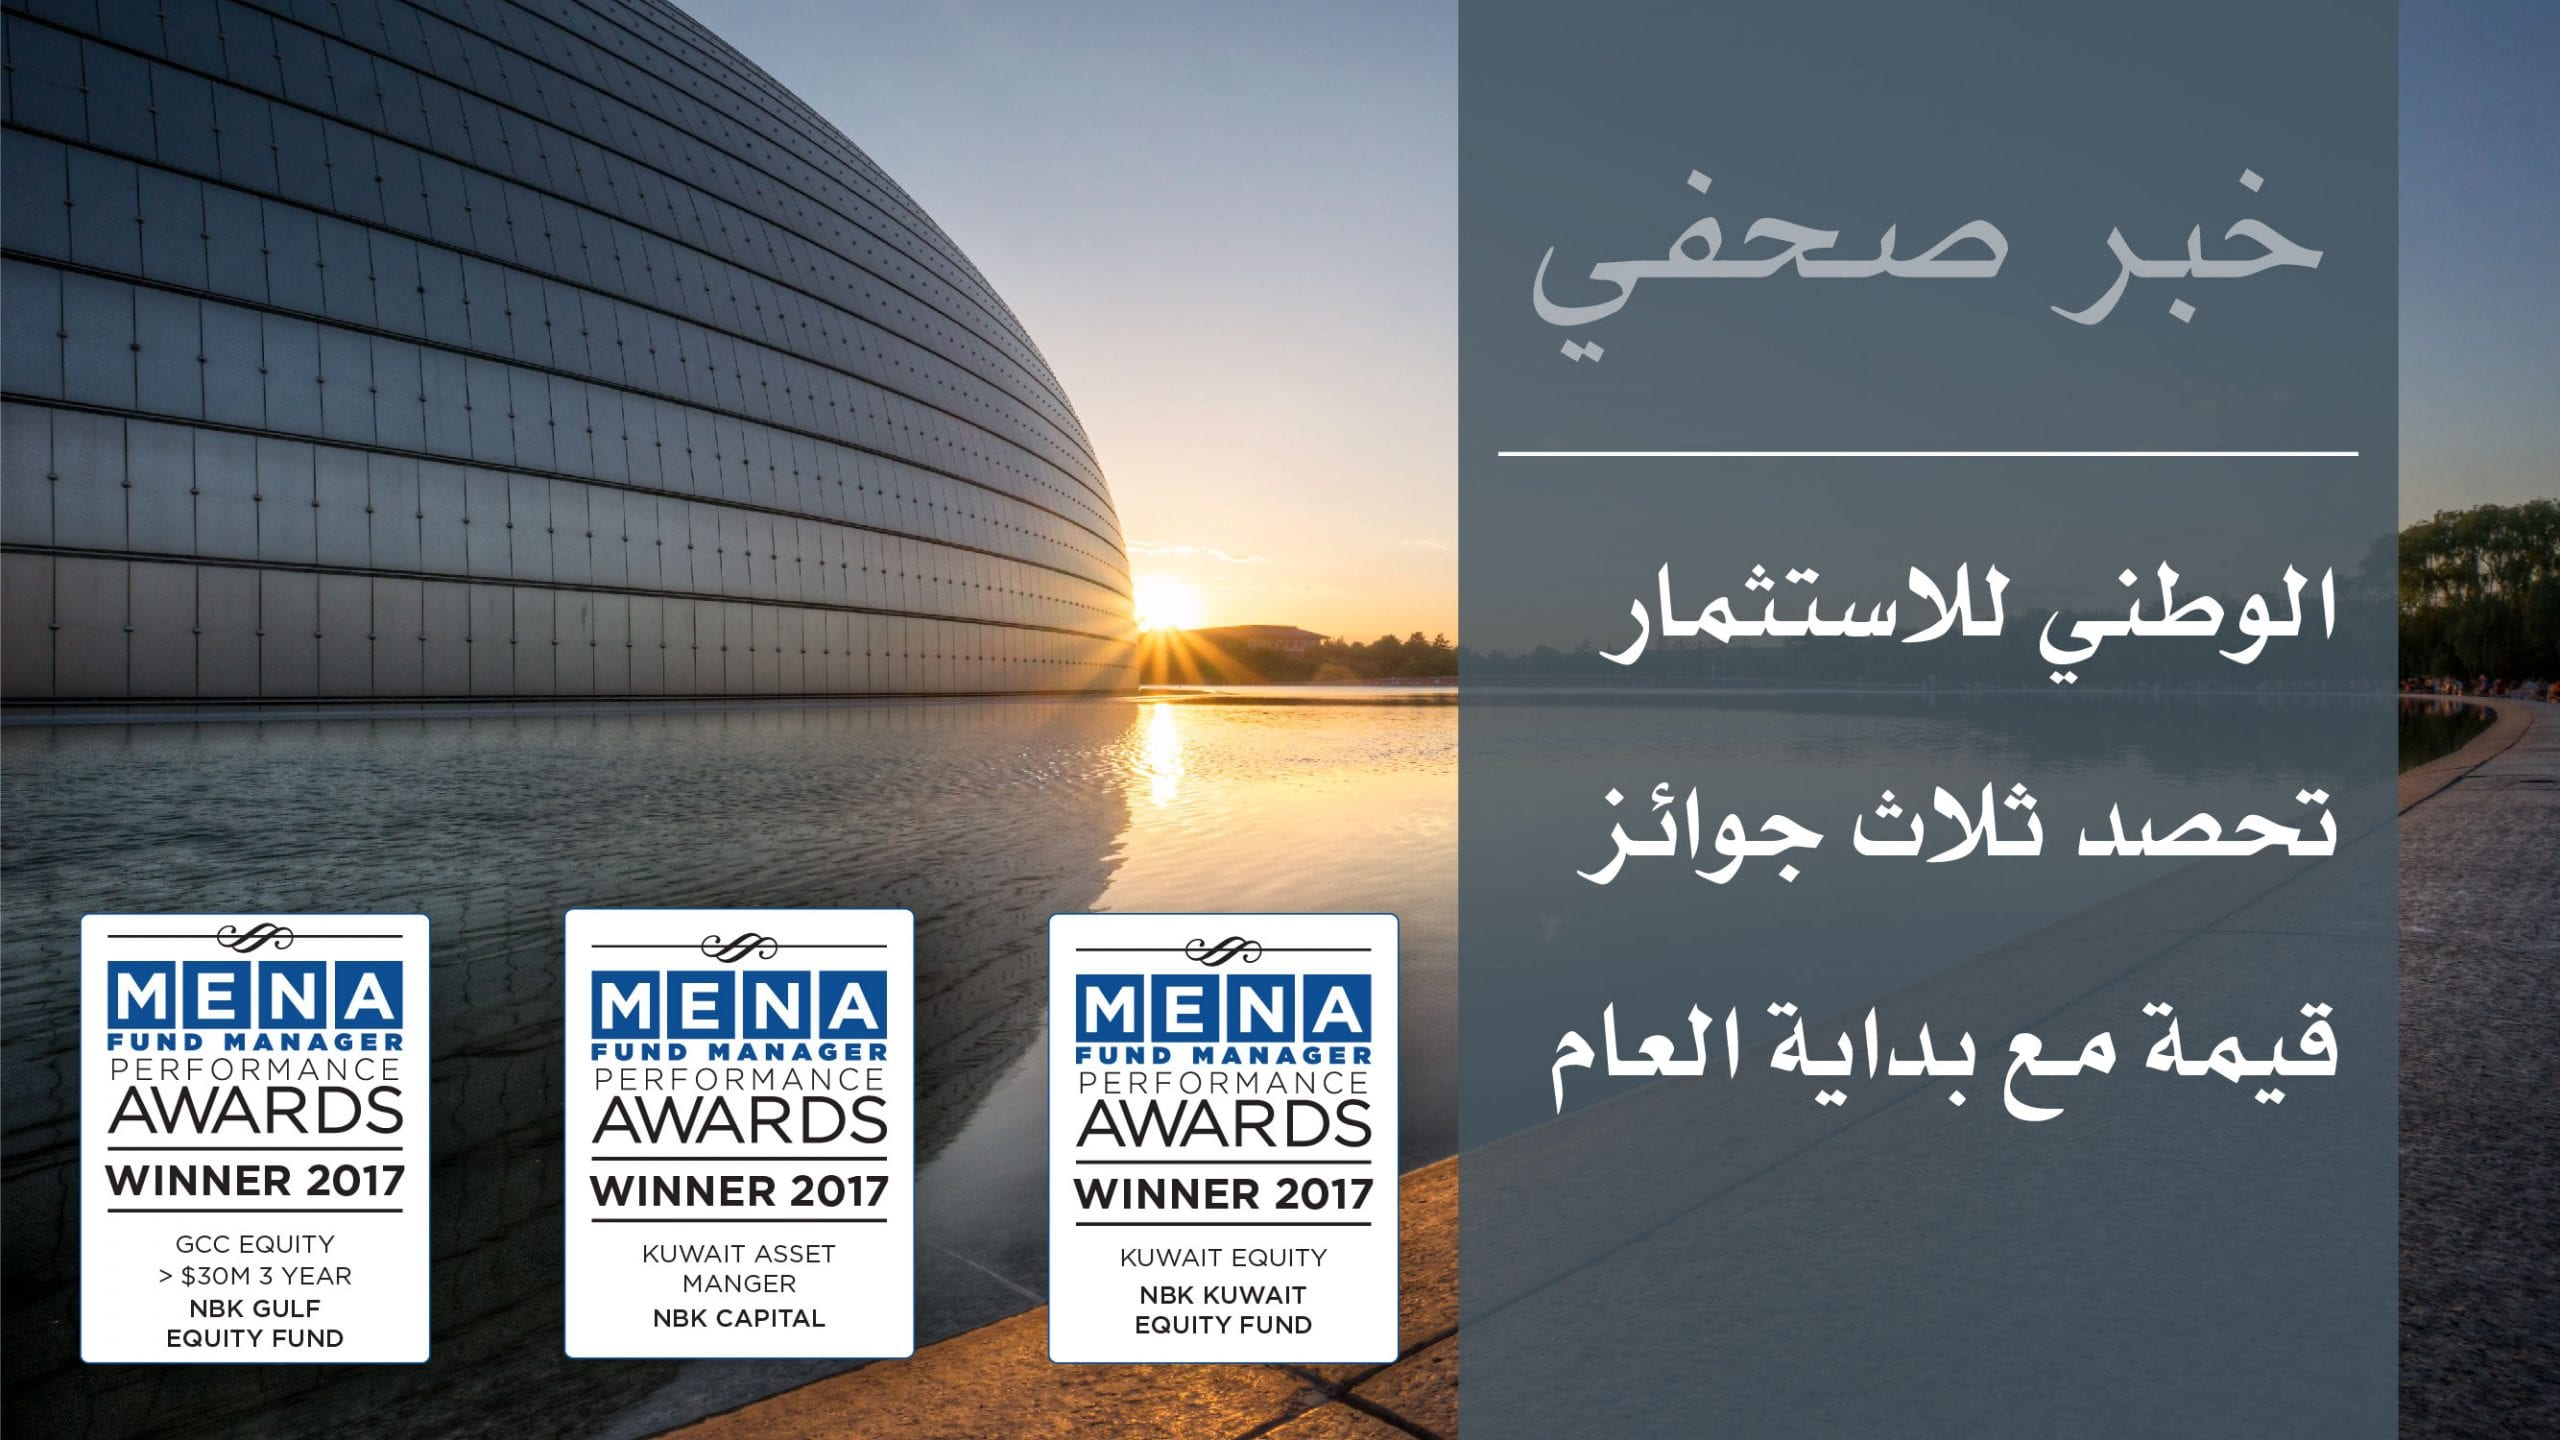 الوطني للاستثمار تحصد ثلاث جوائز قيمة مع بداية العام